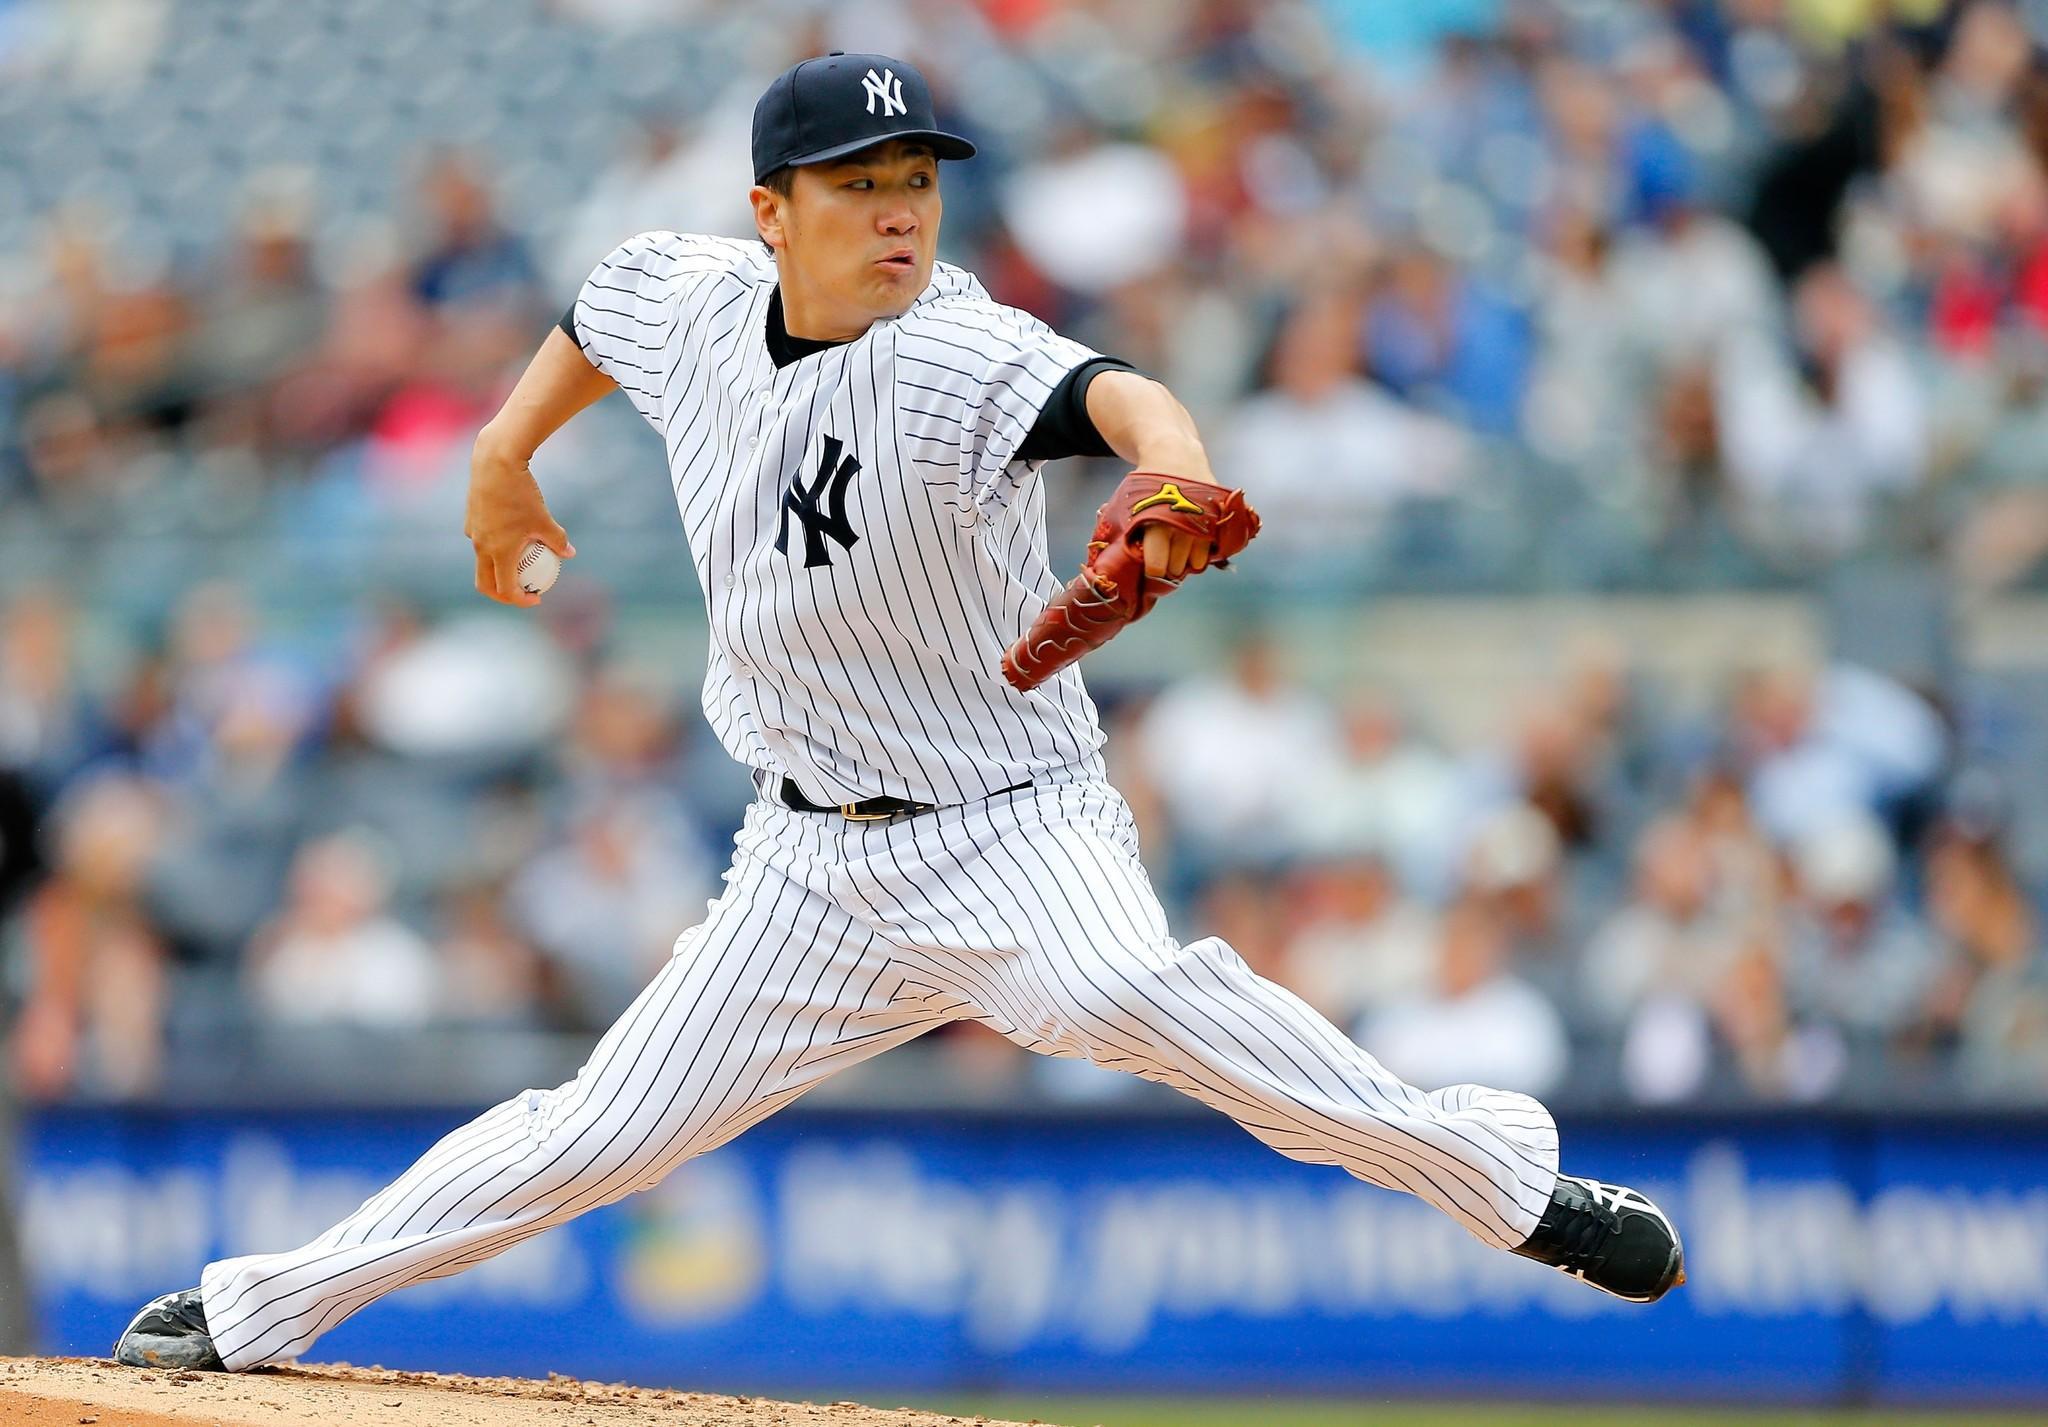 Yankees starter Masahiro Tanaka pitches in the third inning against the Athletics at Yankee Stadium on June 5.